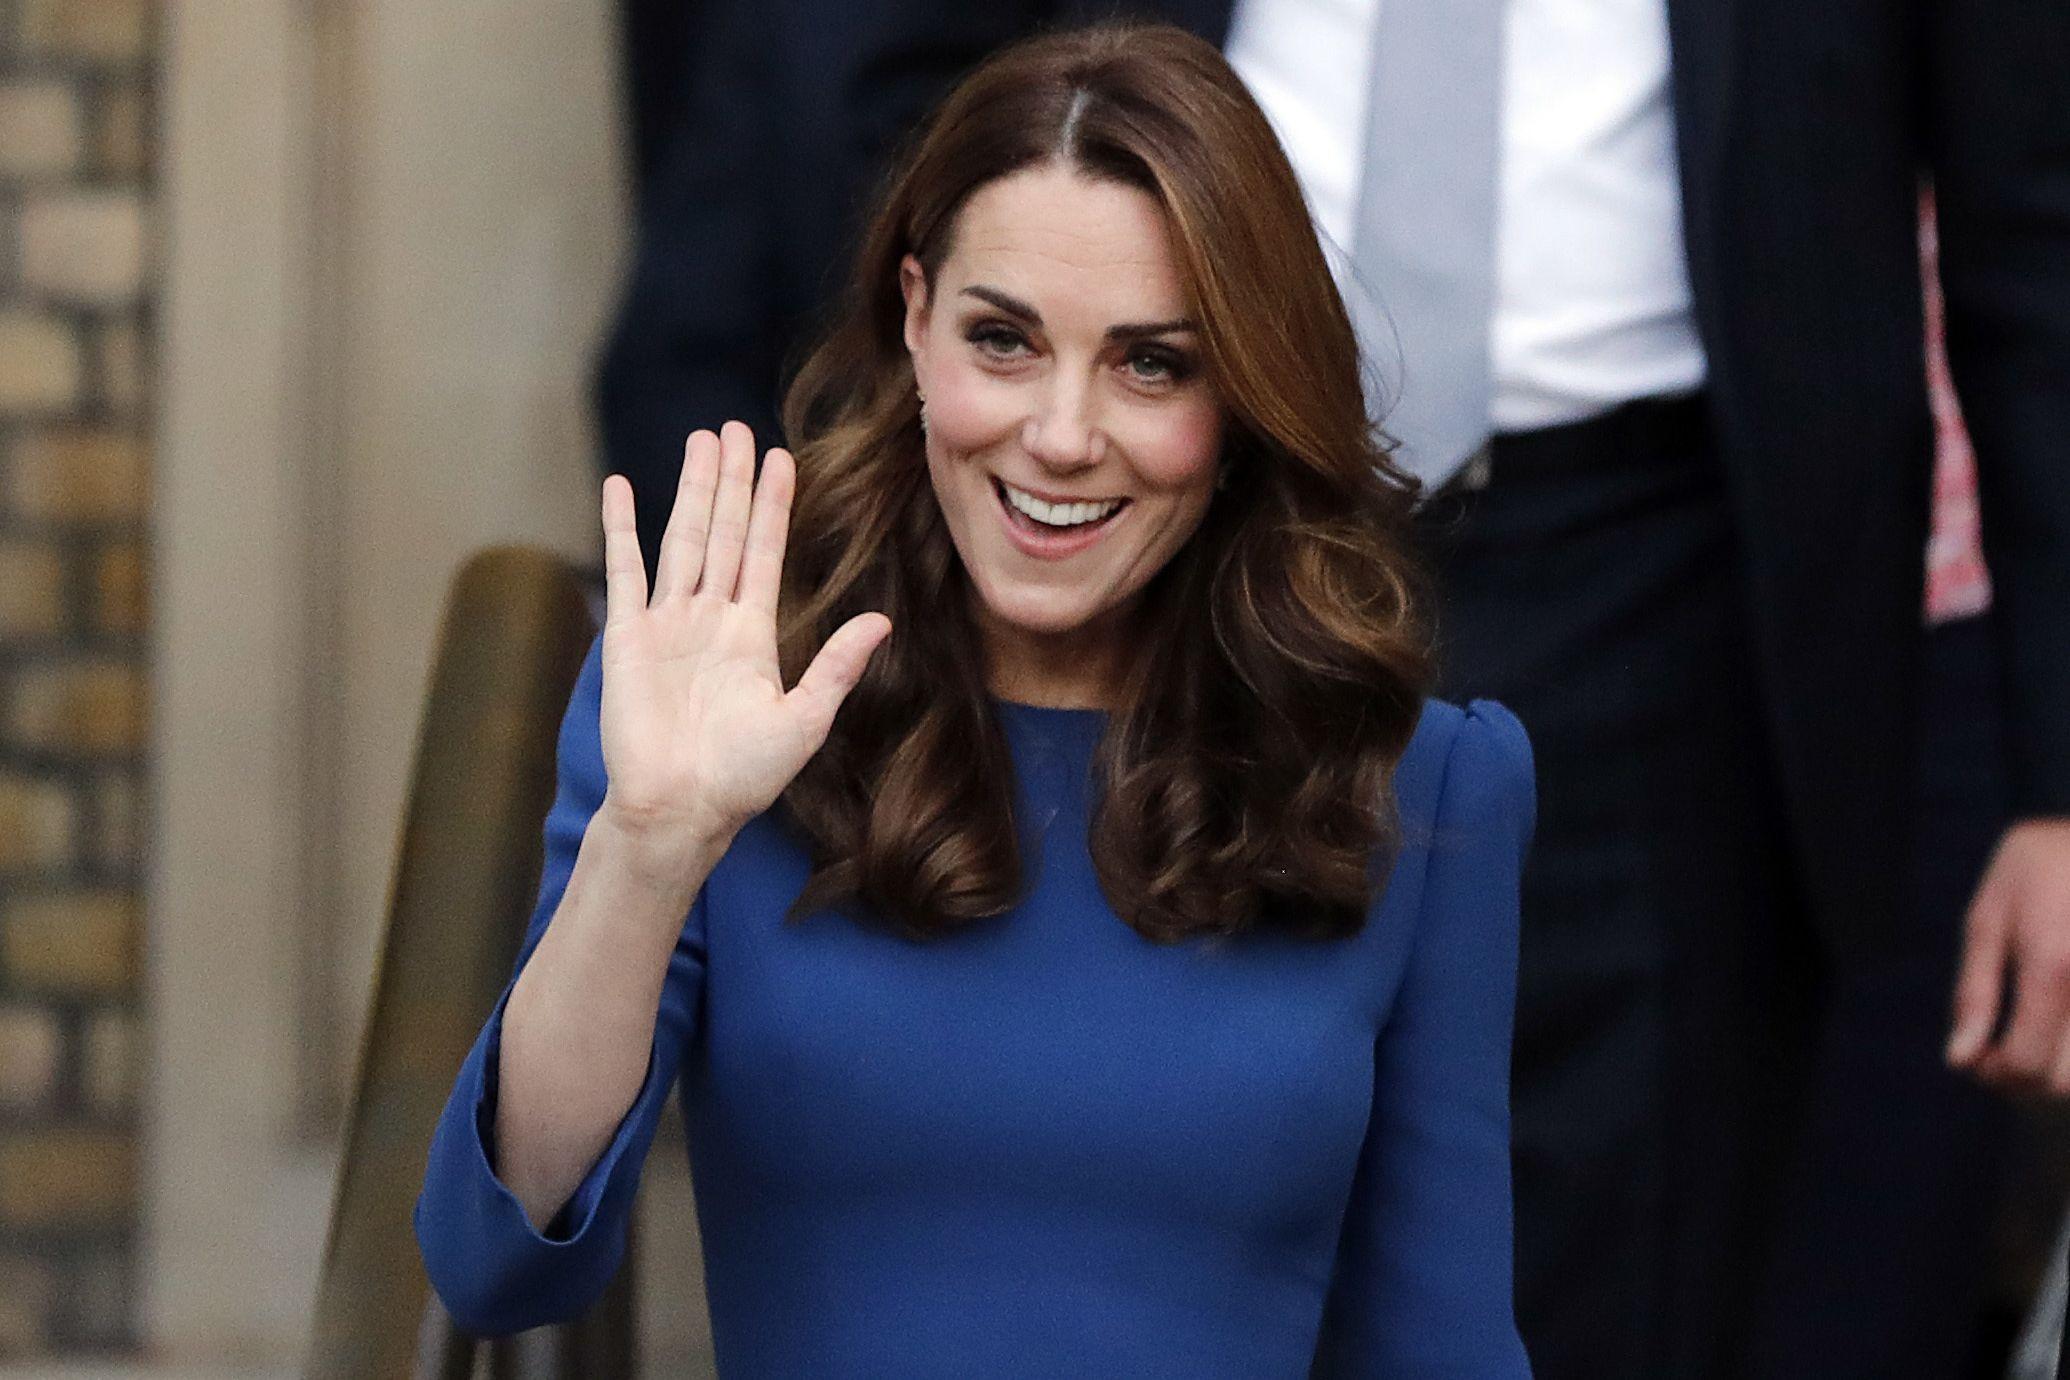 Kate Middleton impressiona com excelente forma física em vestido